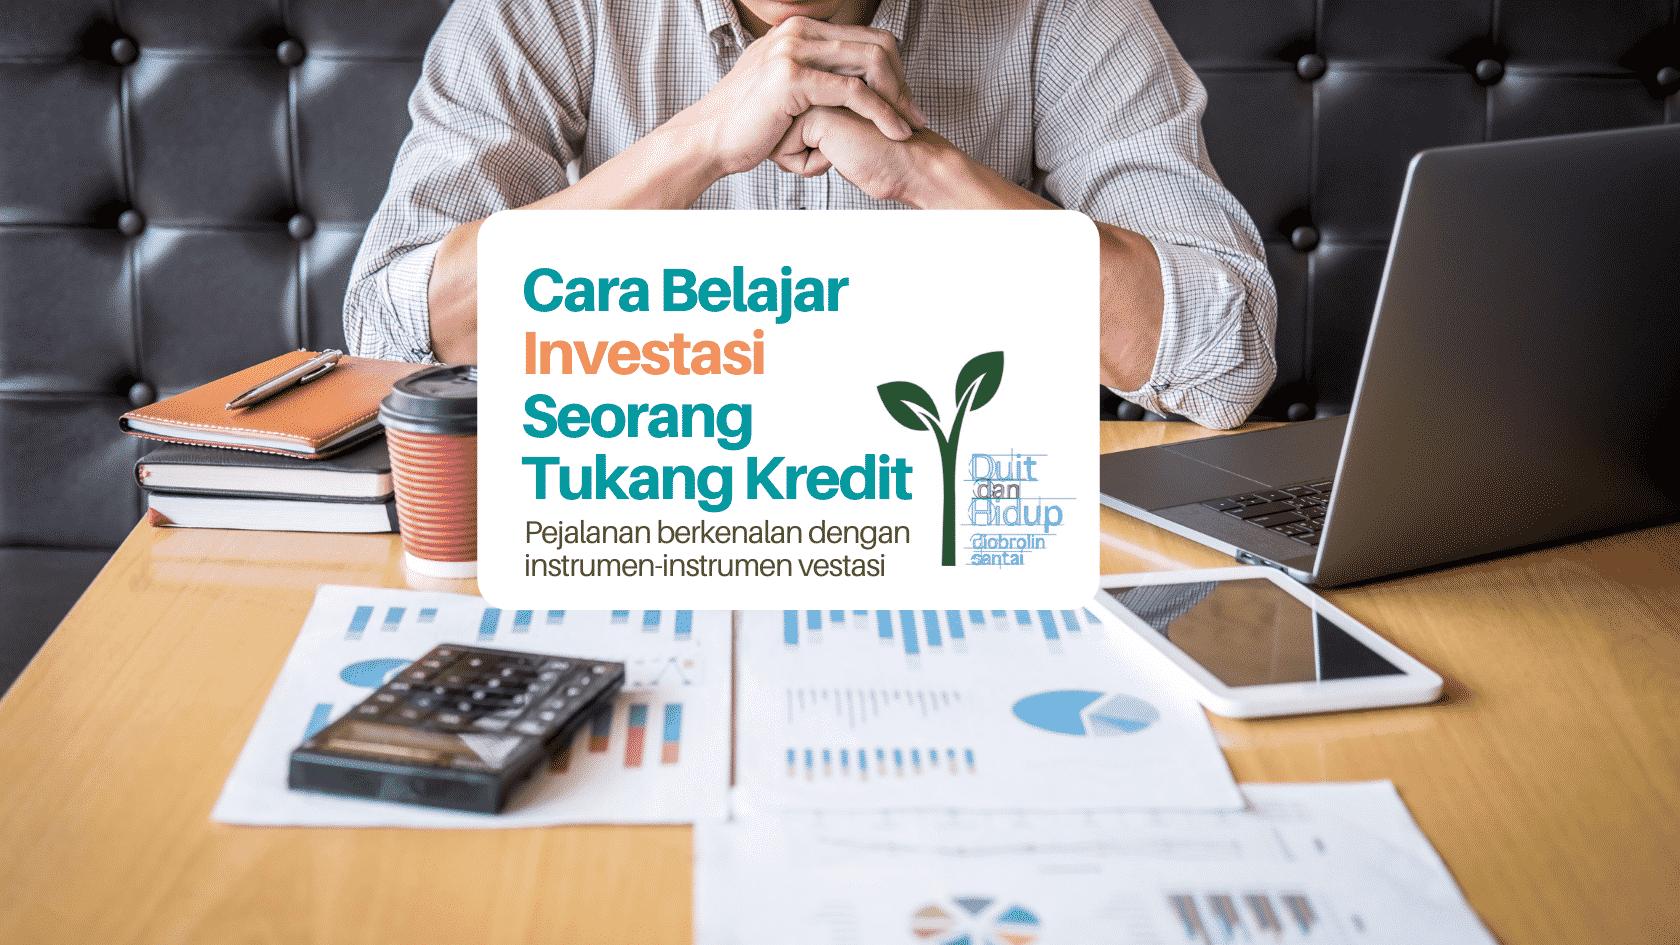 Cara Belajar Investasi dari Pengalaman Tukang Kredit